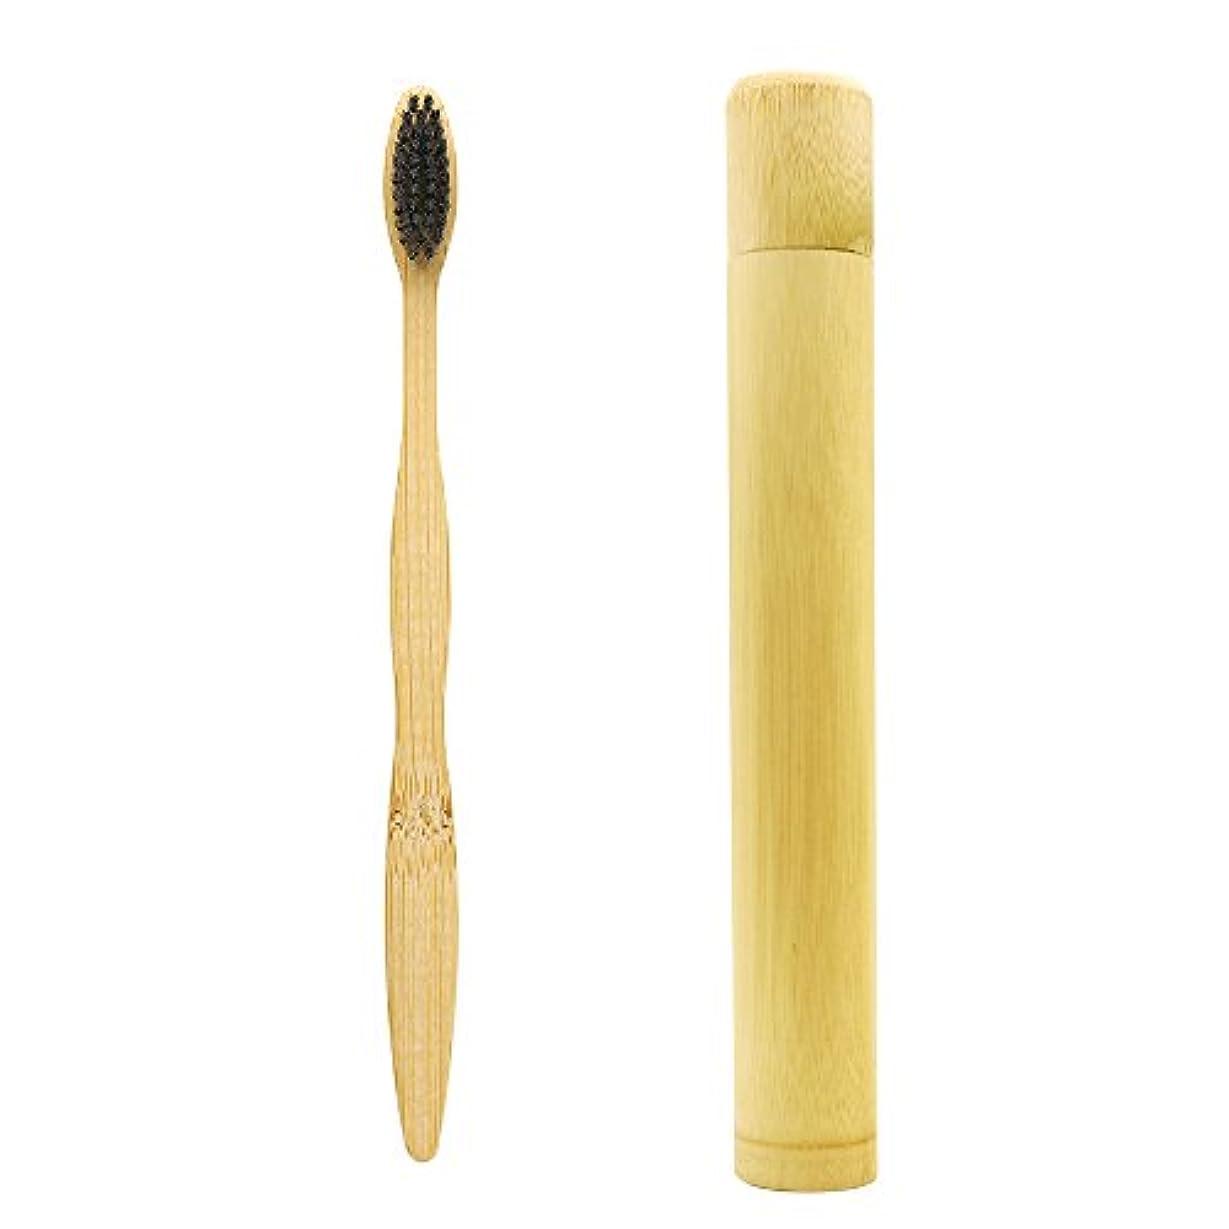 受け皿スパンアウターN-amboo 歯ブラシ ケース付き 竹製 高耐久性 出張旅行 携帯便利